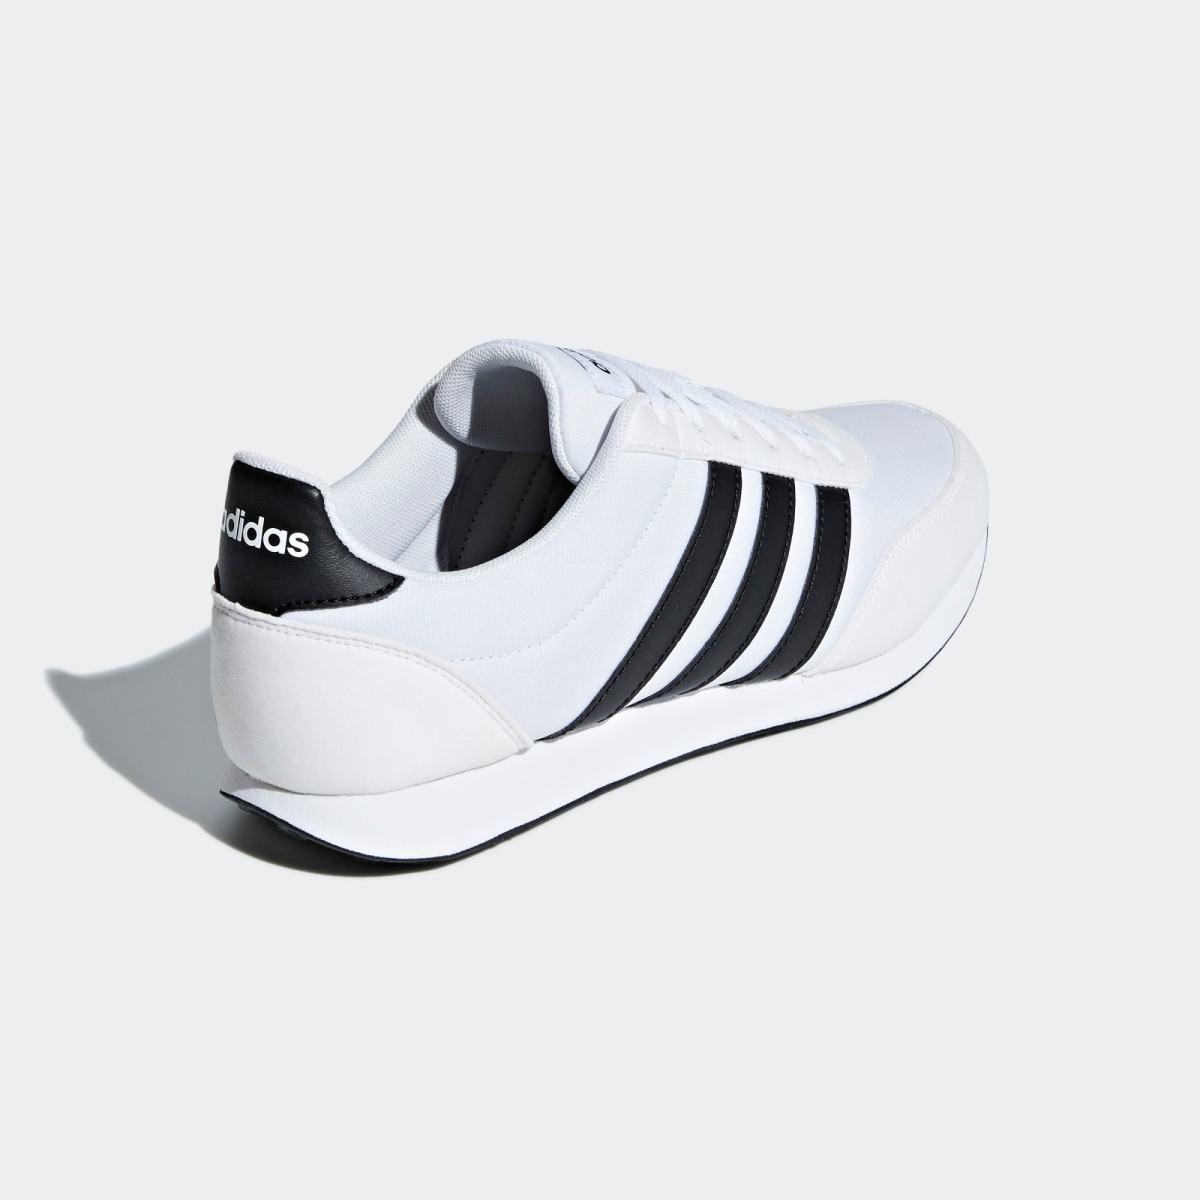 V_Racer_2.0_Shoes_White_B75796_05_standard